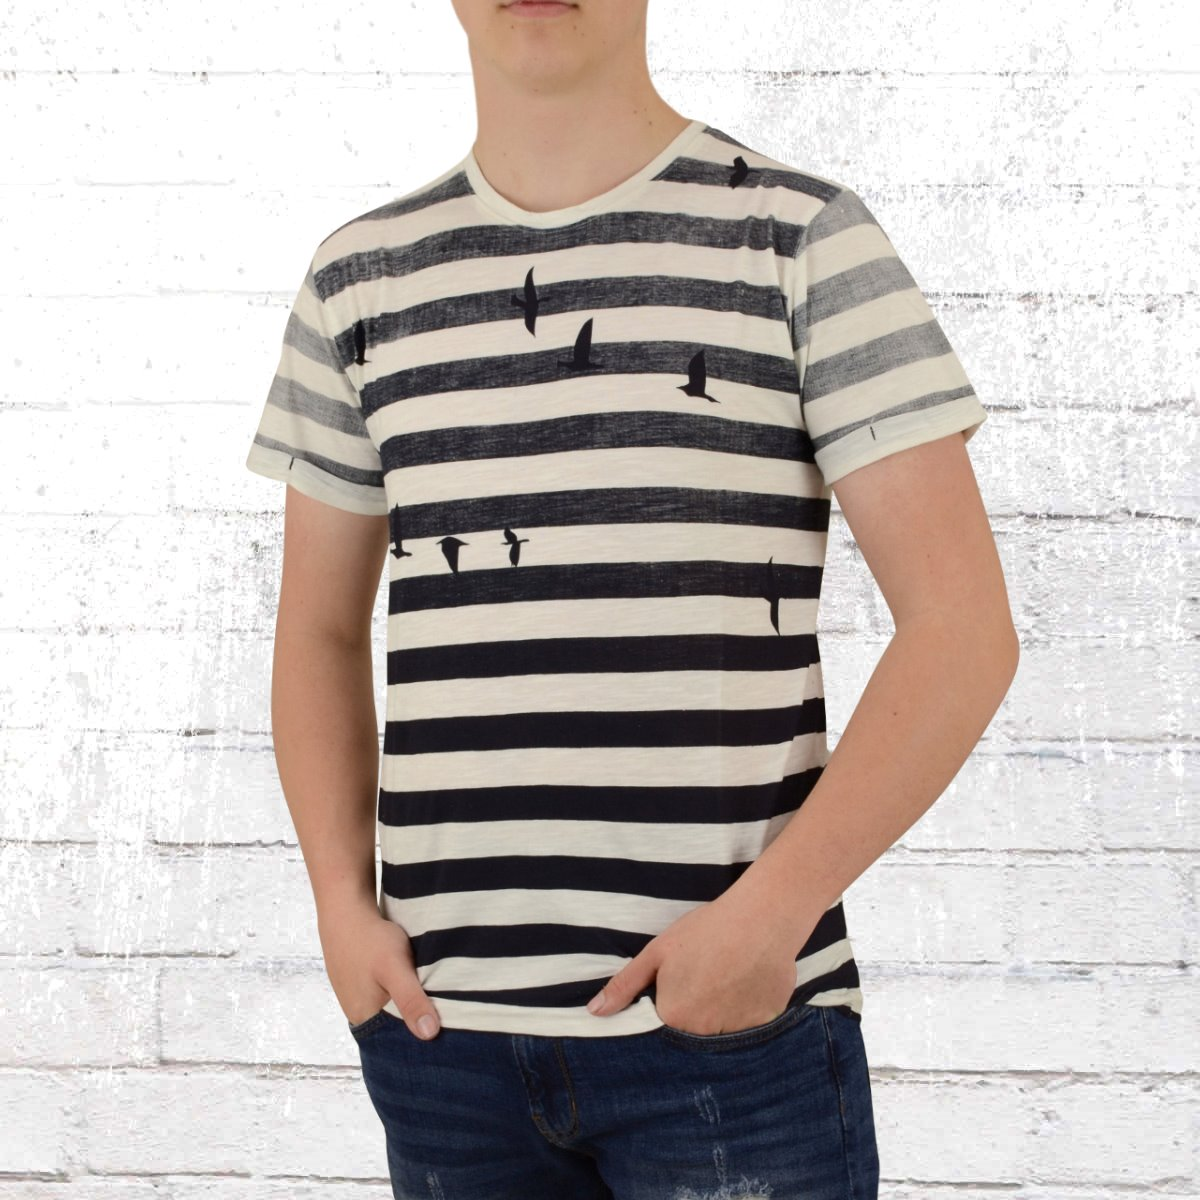 finest selection e1e68 26145 Jetzt bestellen | Indicode Herren T-Shirt Danny blau weiss ...